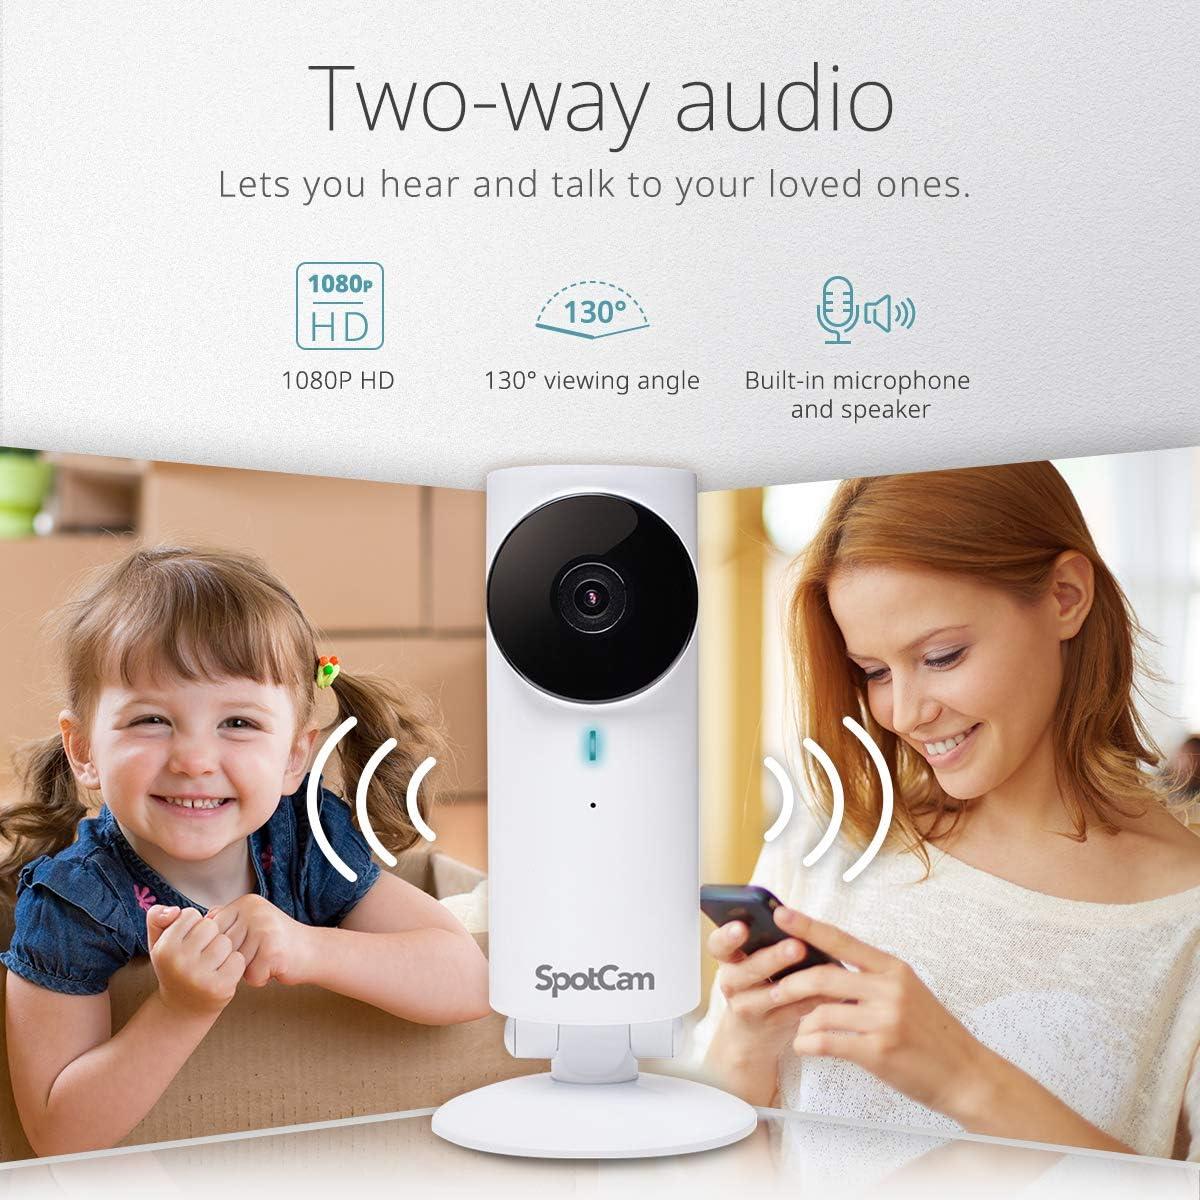 Spotcam Fhd 1080p Kabellose Sicherheitskamera Für Die Computer Zubehör